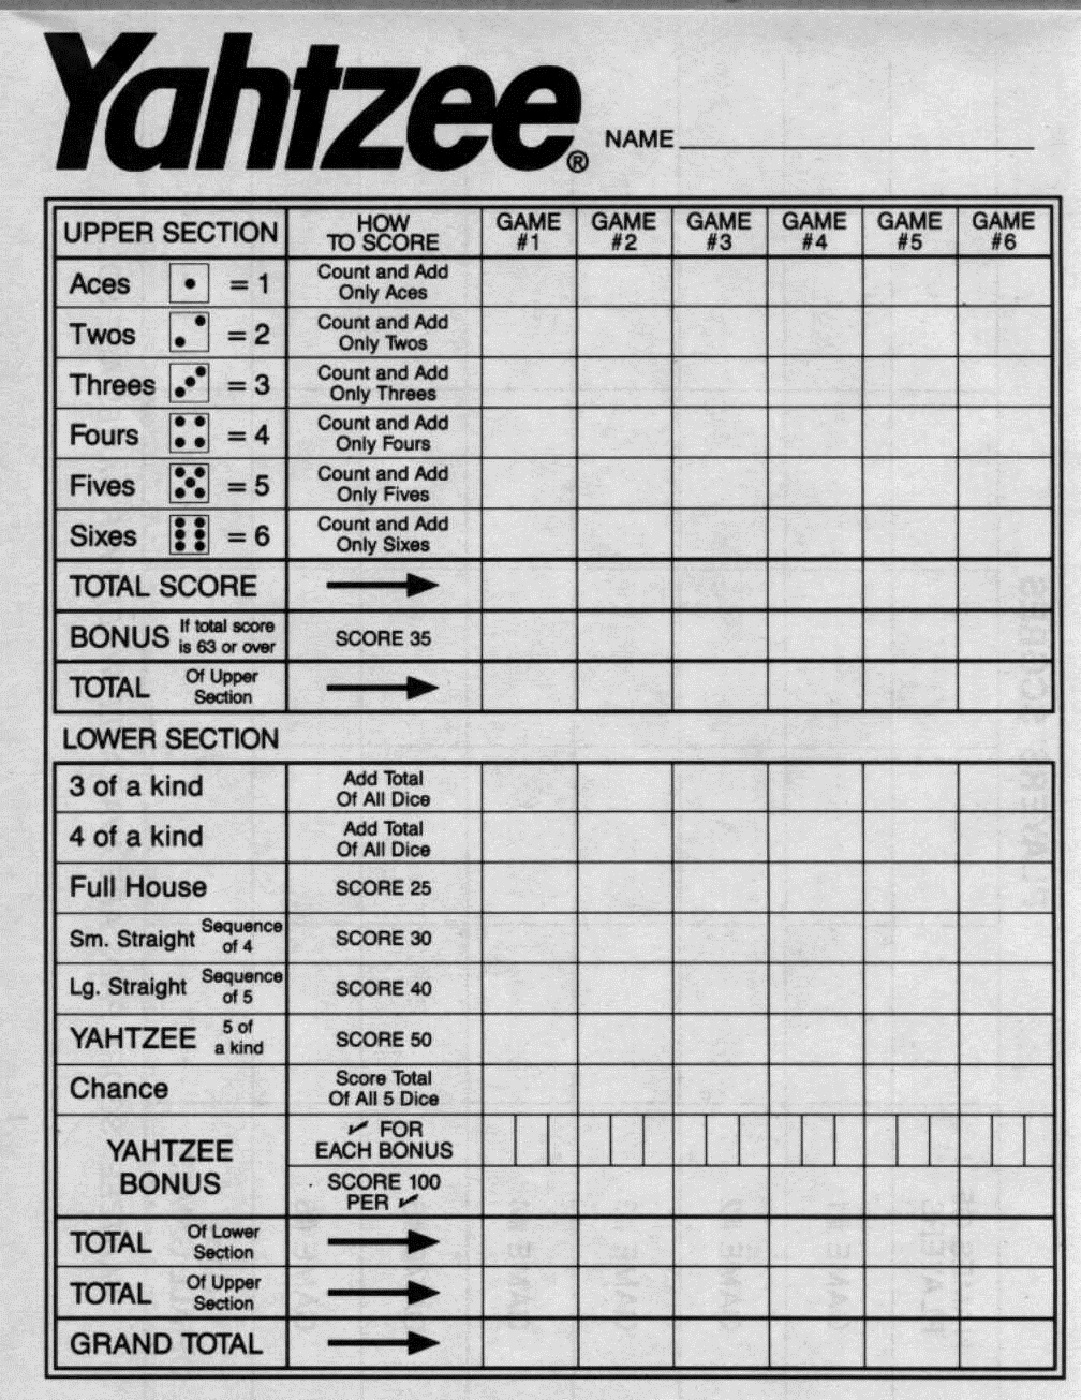 image regarding Printable Triple Yahtzee Score Sheets Pdf named Yahtzee Ranking Sheets - Resume Illustrations Resume Template